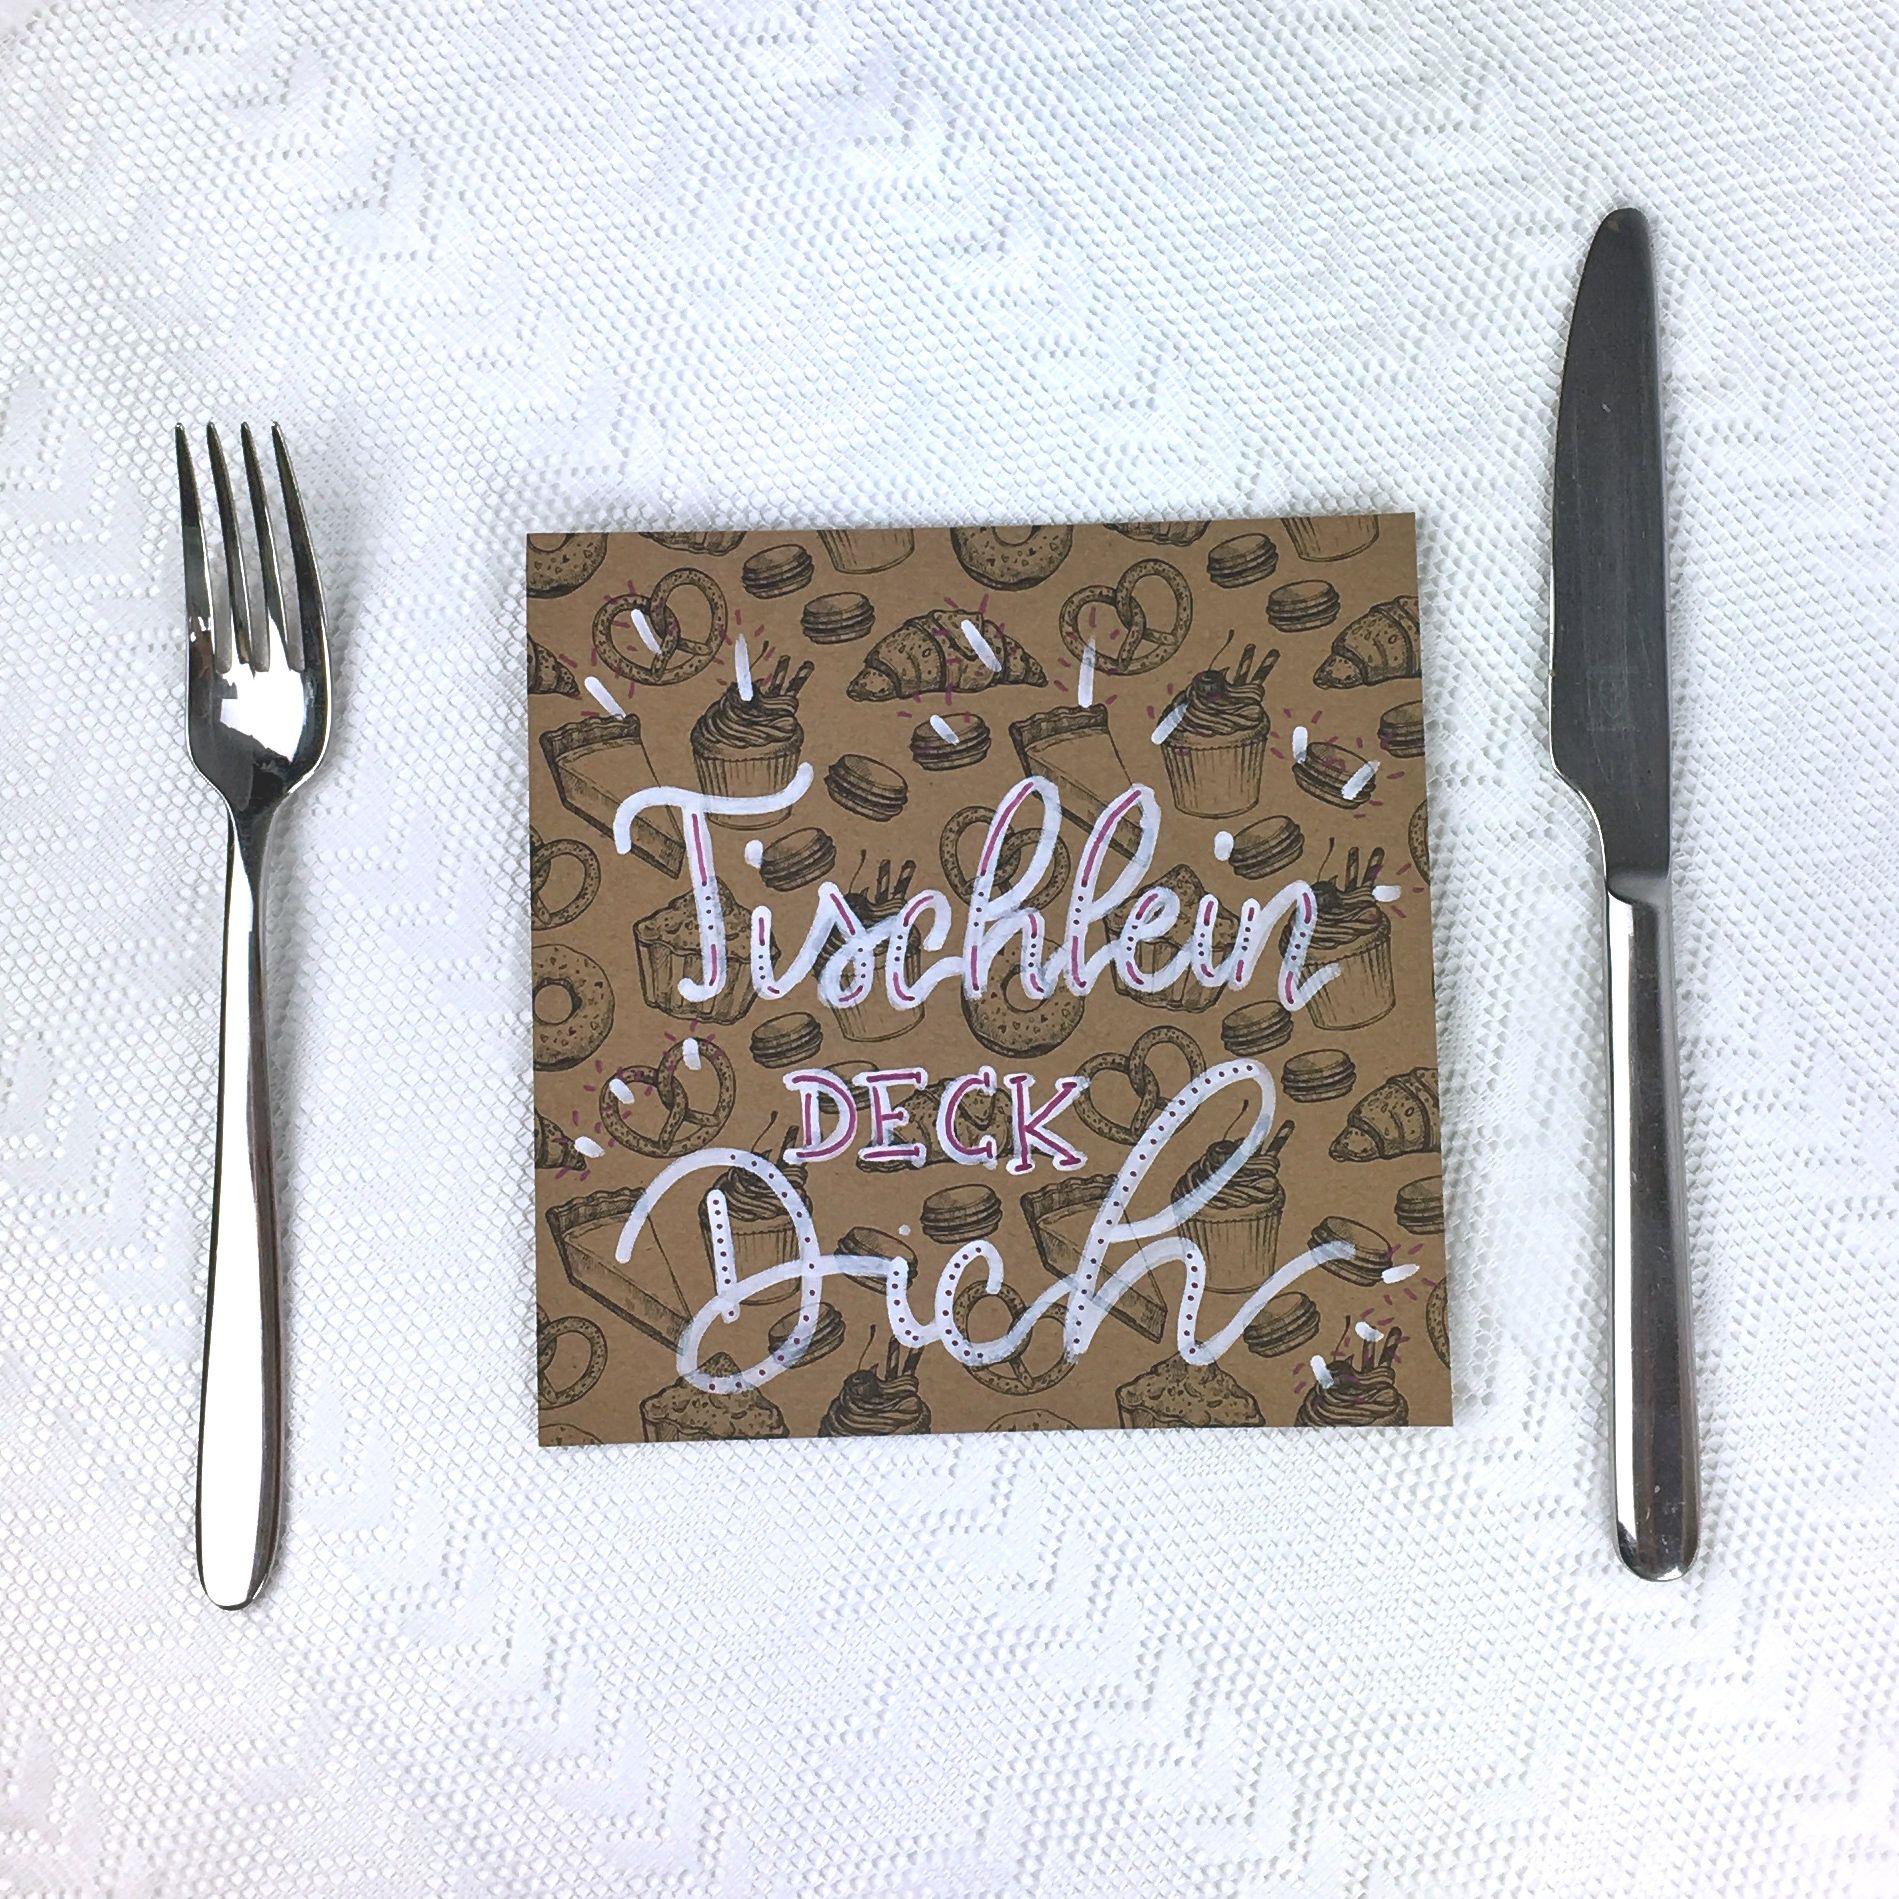 Ausgefallene Tischlen lettering tischlein deck dich einfach lilienhaft letterings